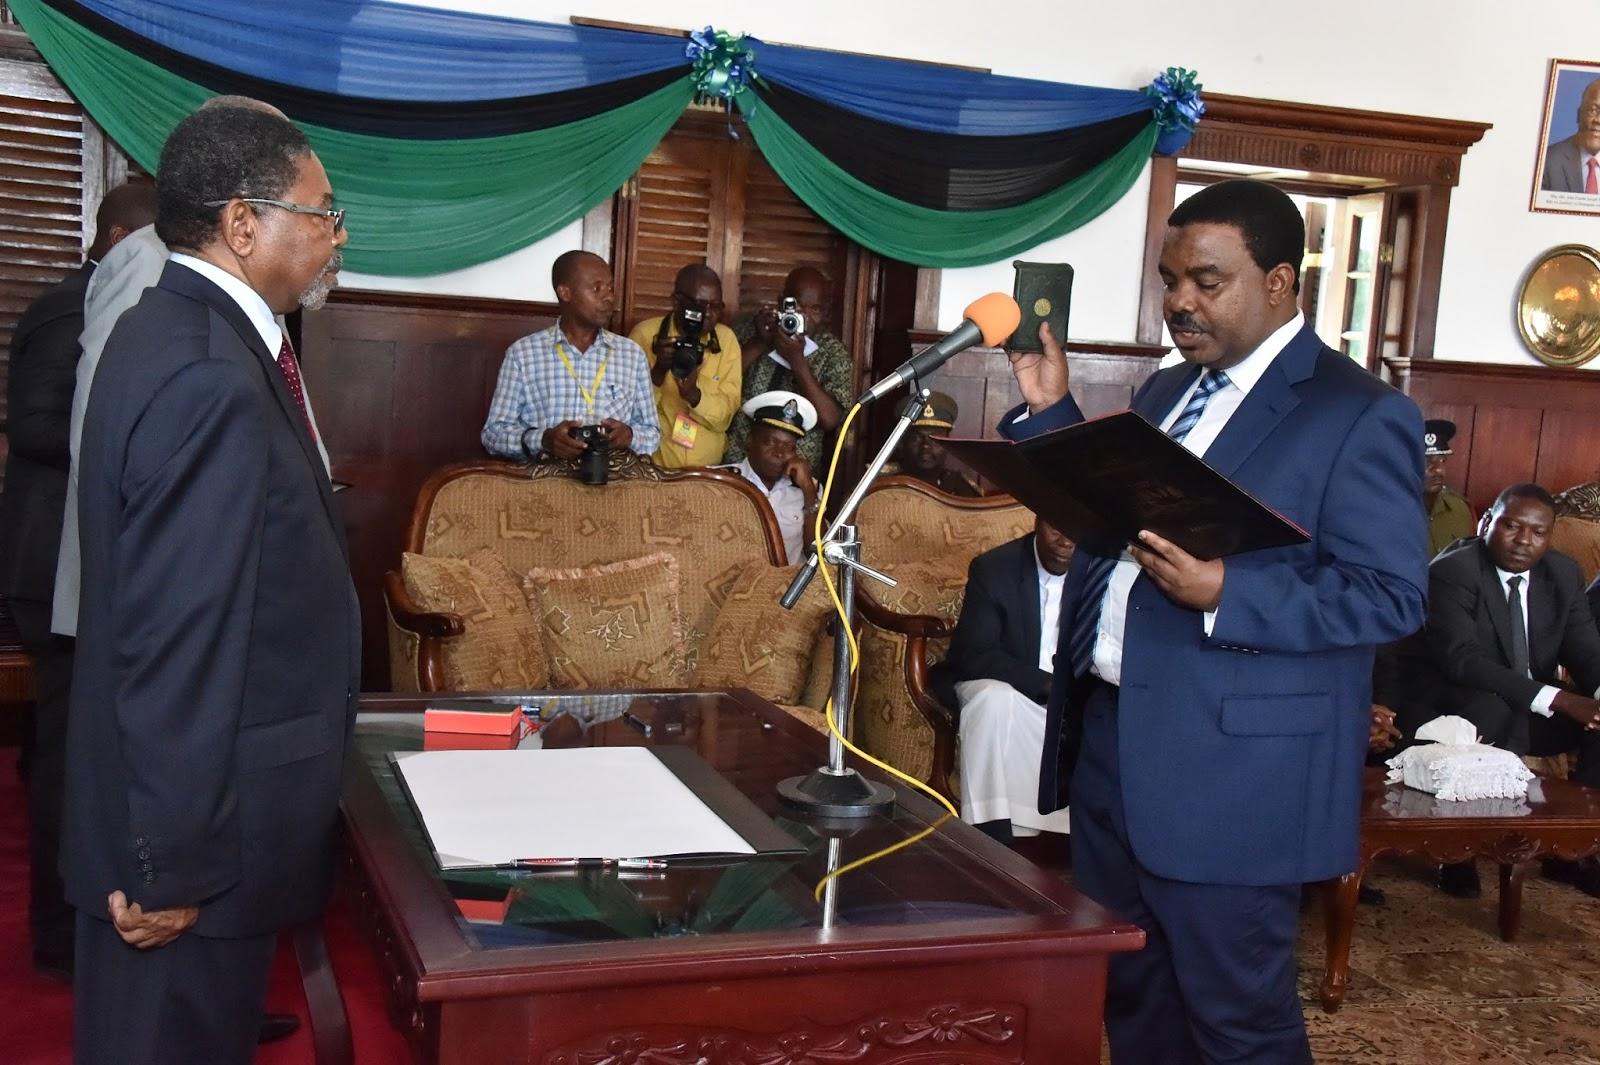 VIJIMAMBO: DR. SHEIN AWAAPISHA MAKATIBU WAKUU LEO